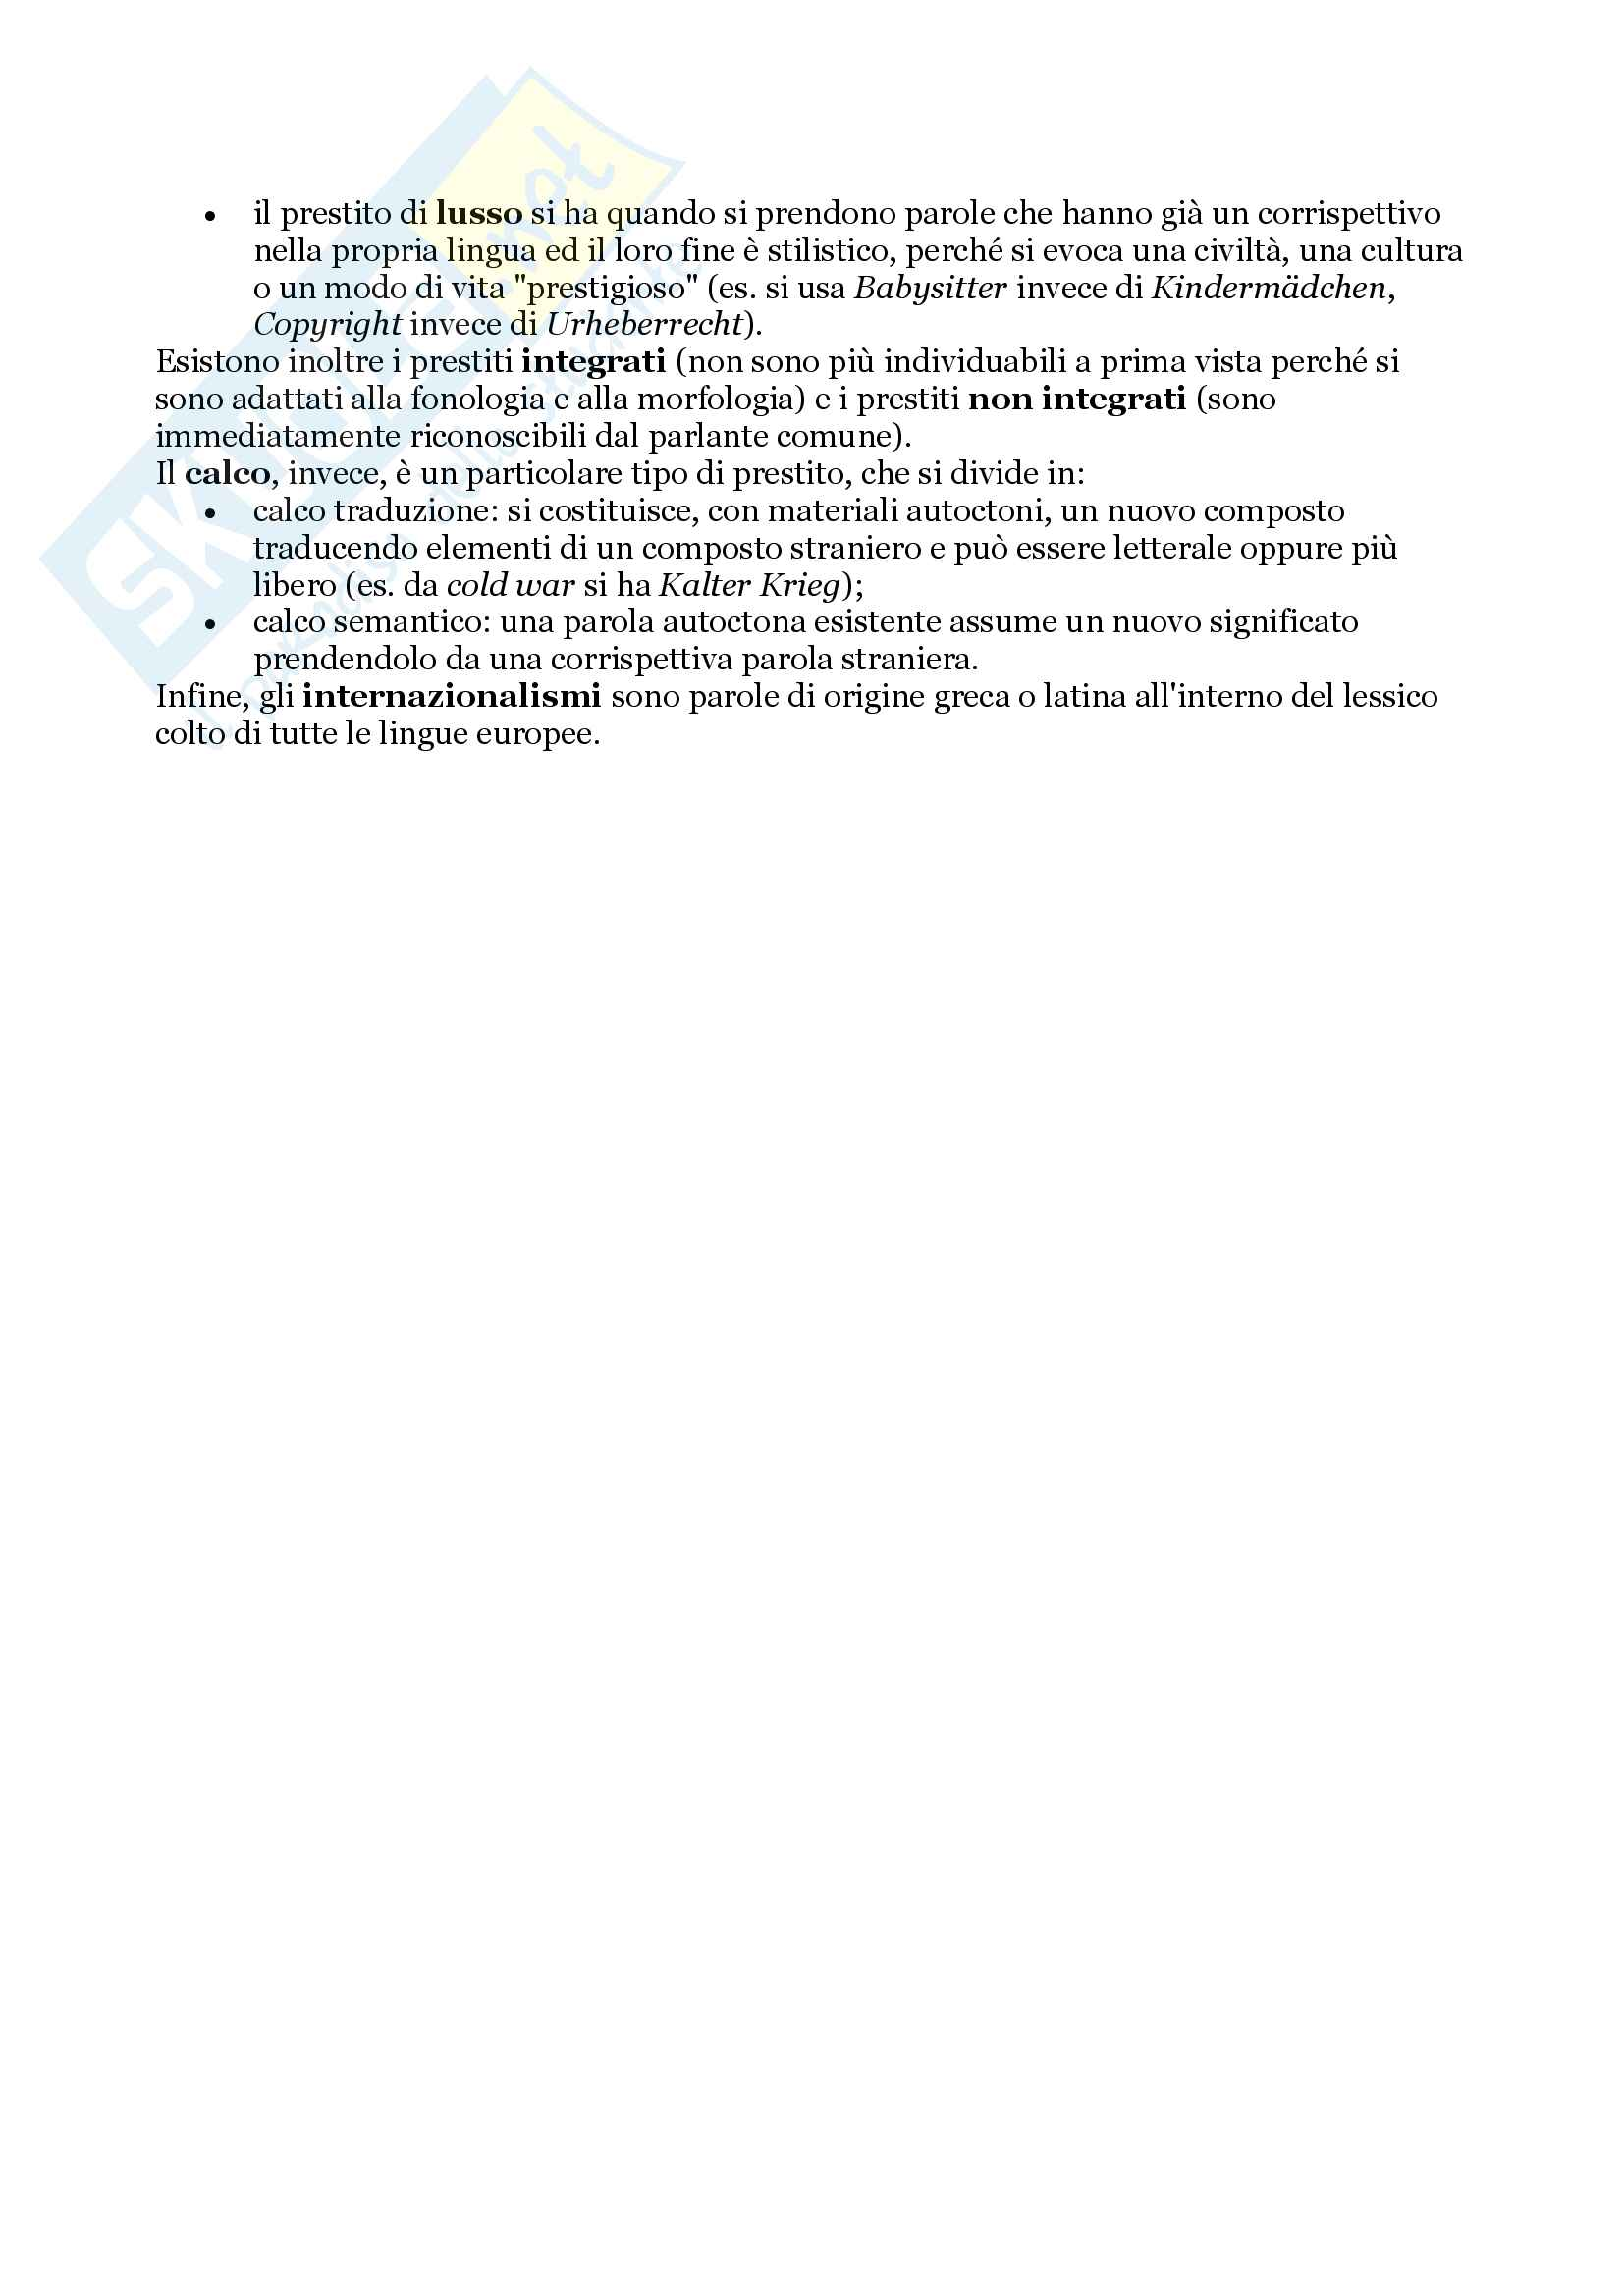 """Riassunto per l'esame di Lingua Tedesca I, prof. Di Meola, libro consigliato """"Linguistica Tedesca"""", cap. 1 e 2, Di Meola Pag. 11"""